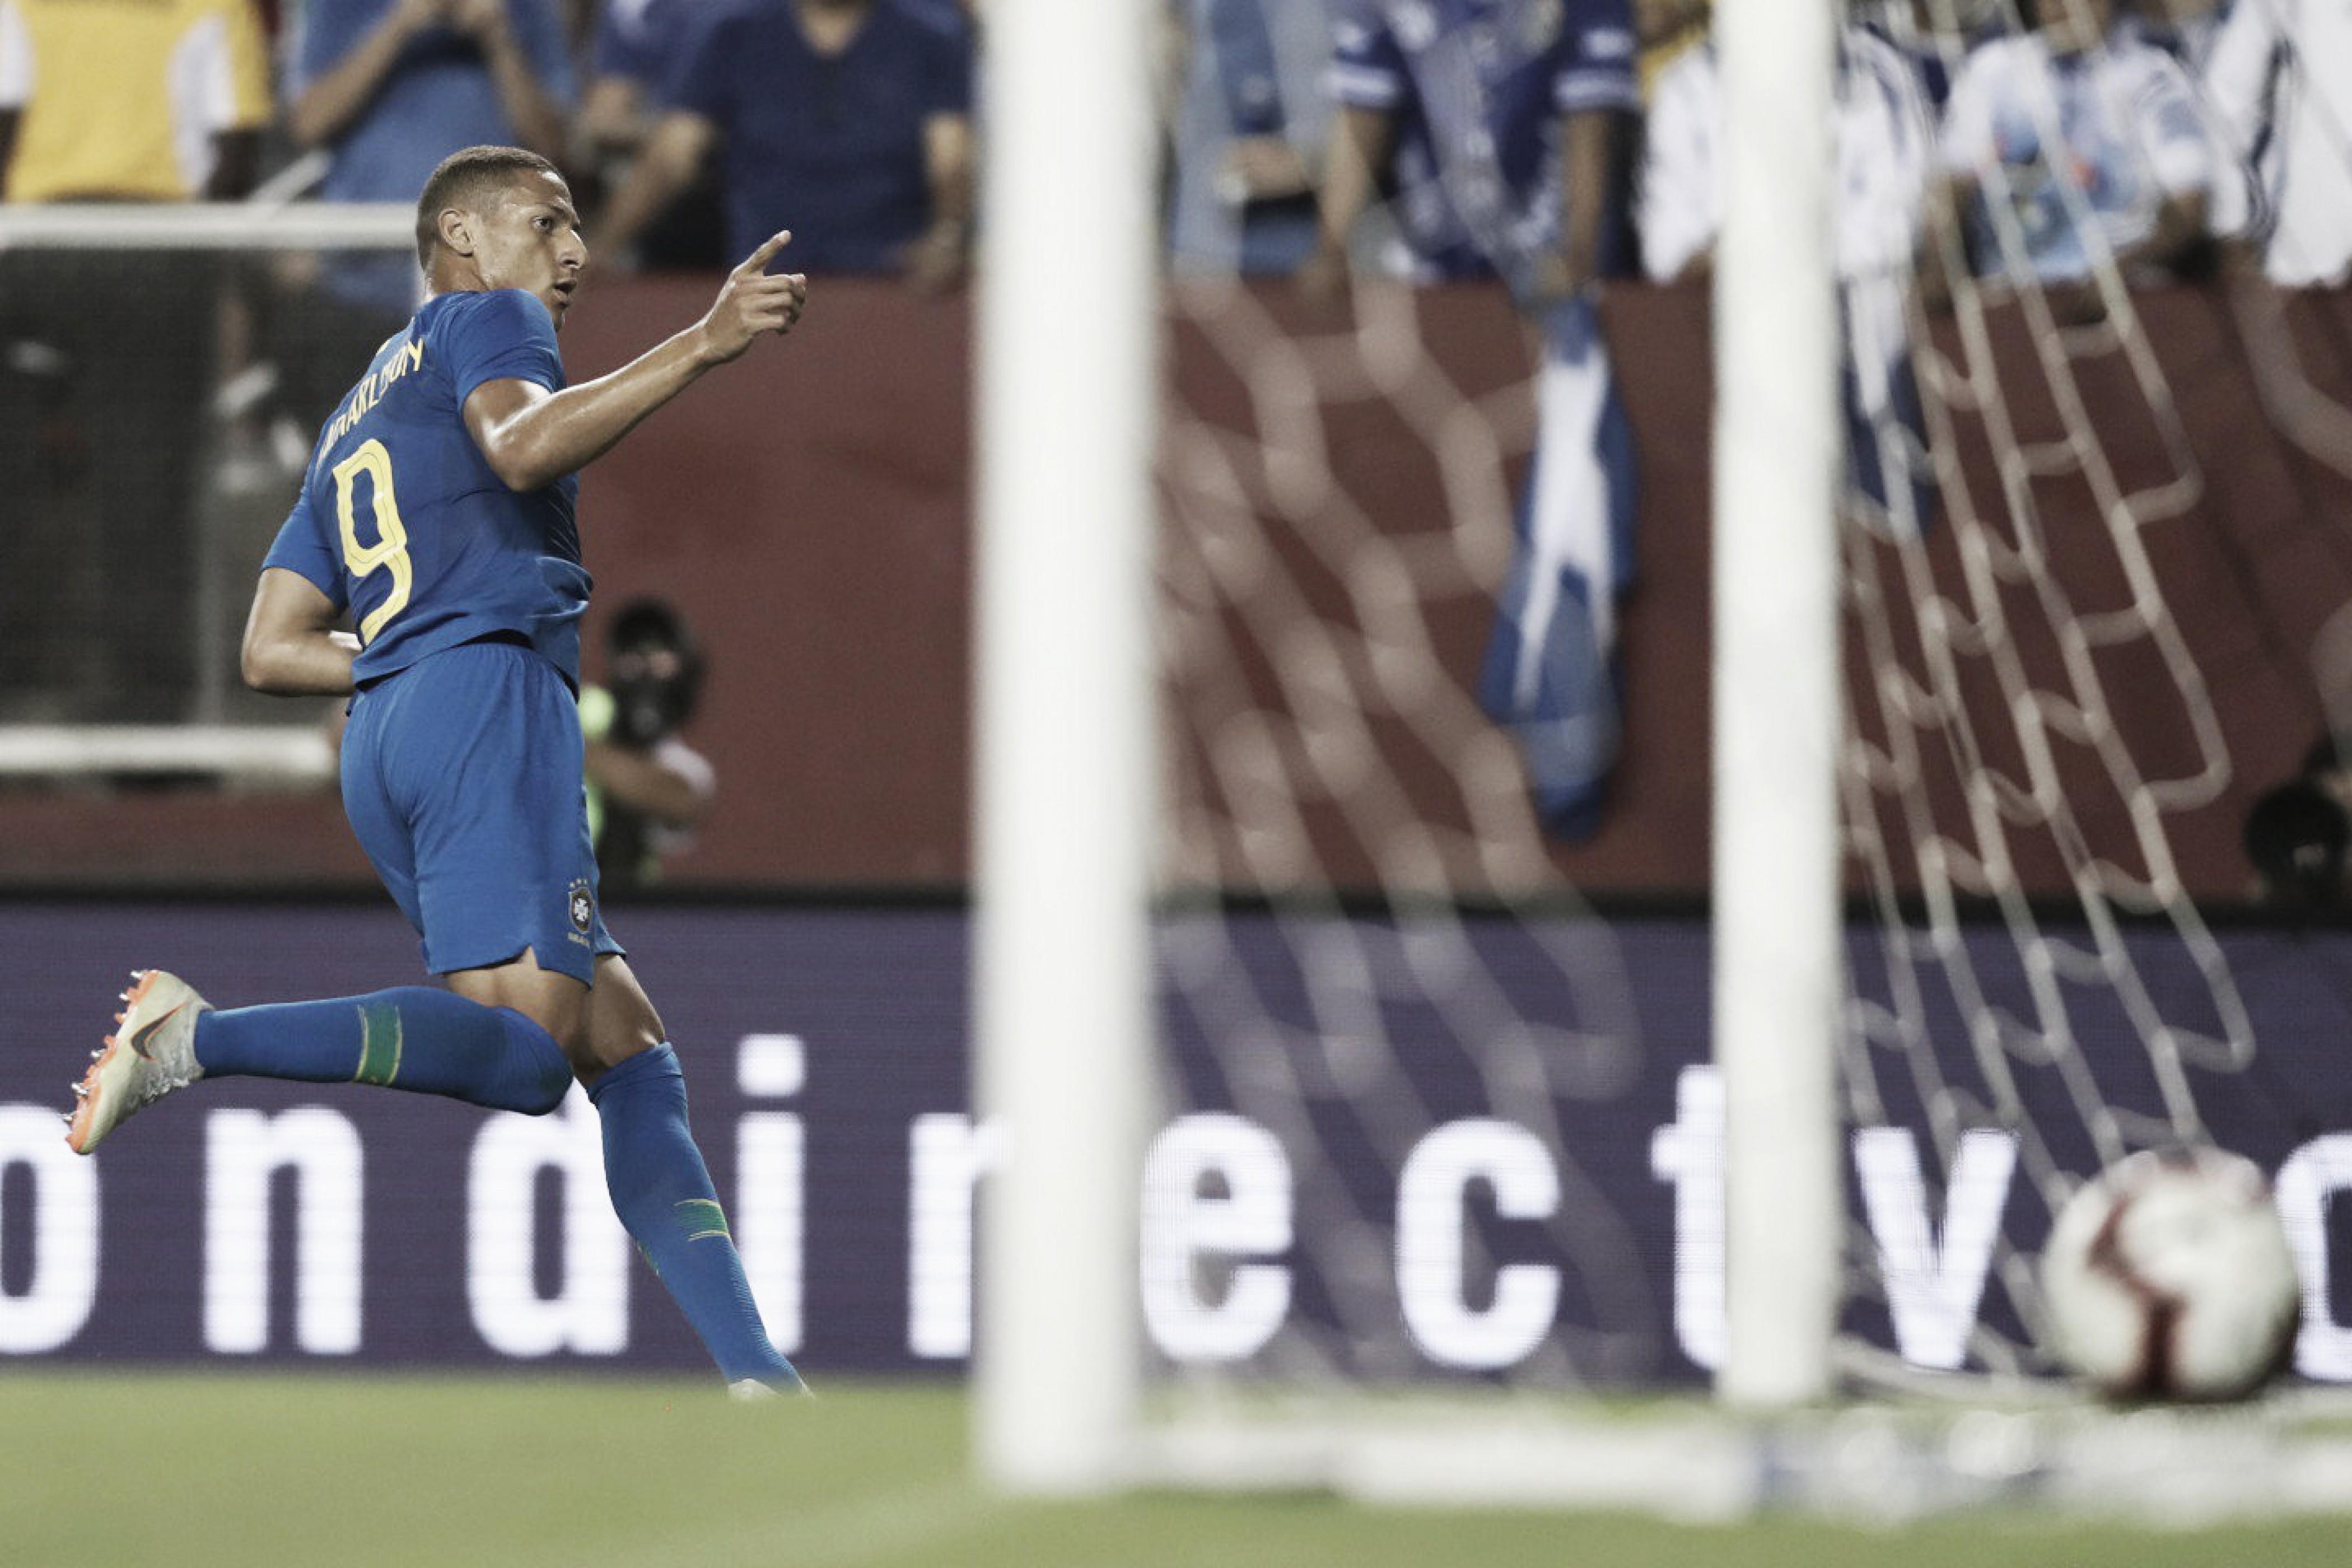 Em noite de Richarlison, Brasil goleia El Salvador e conquista segunda vitória após Mundial